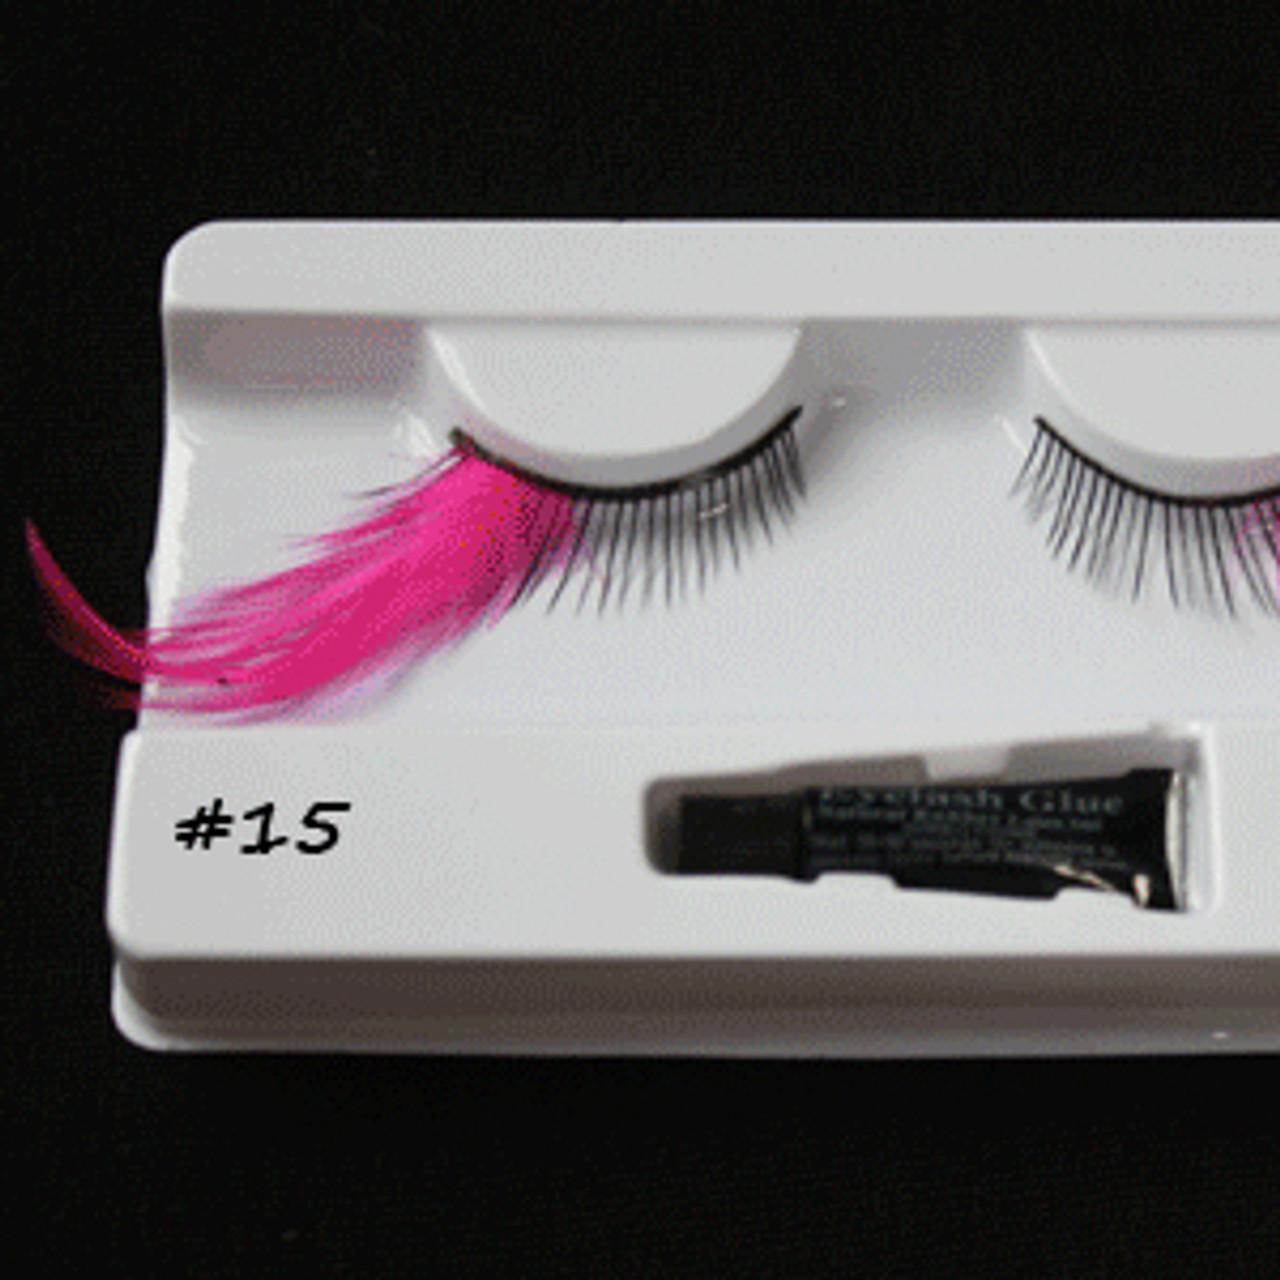 #15 Hot pink long feather eyelashes